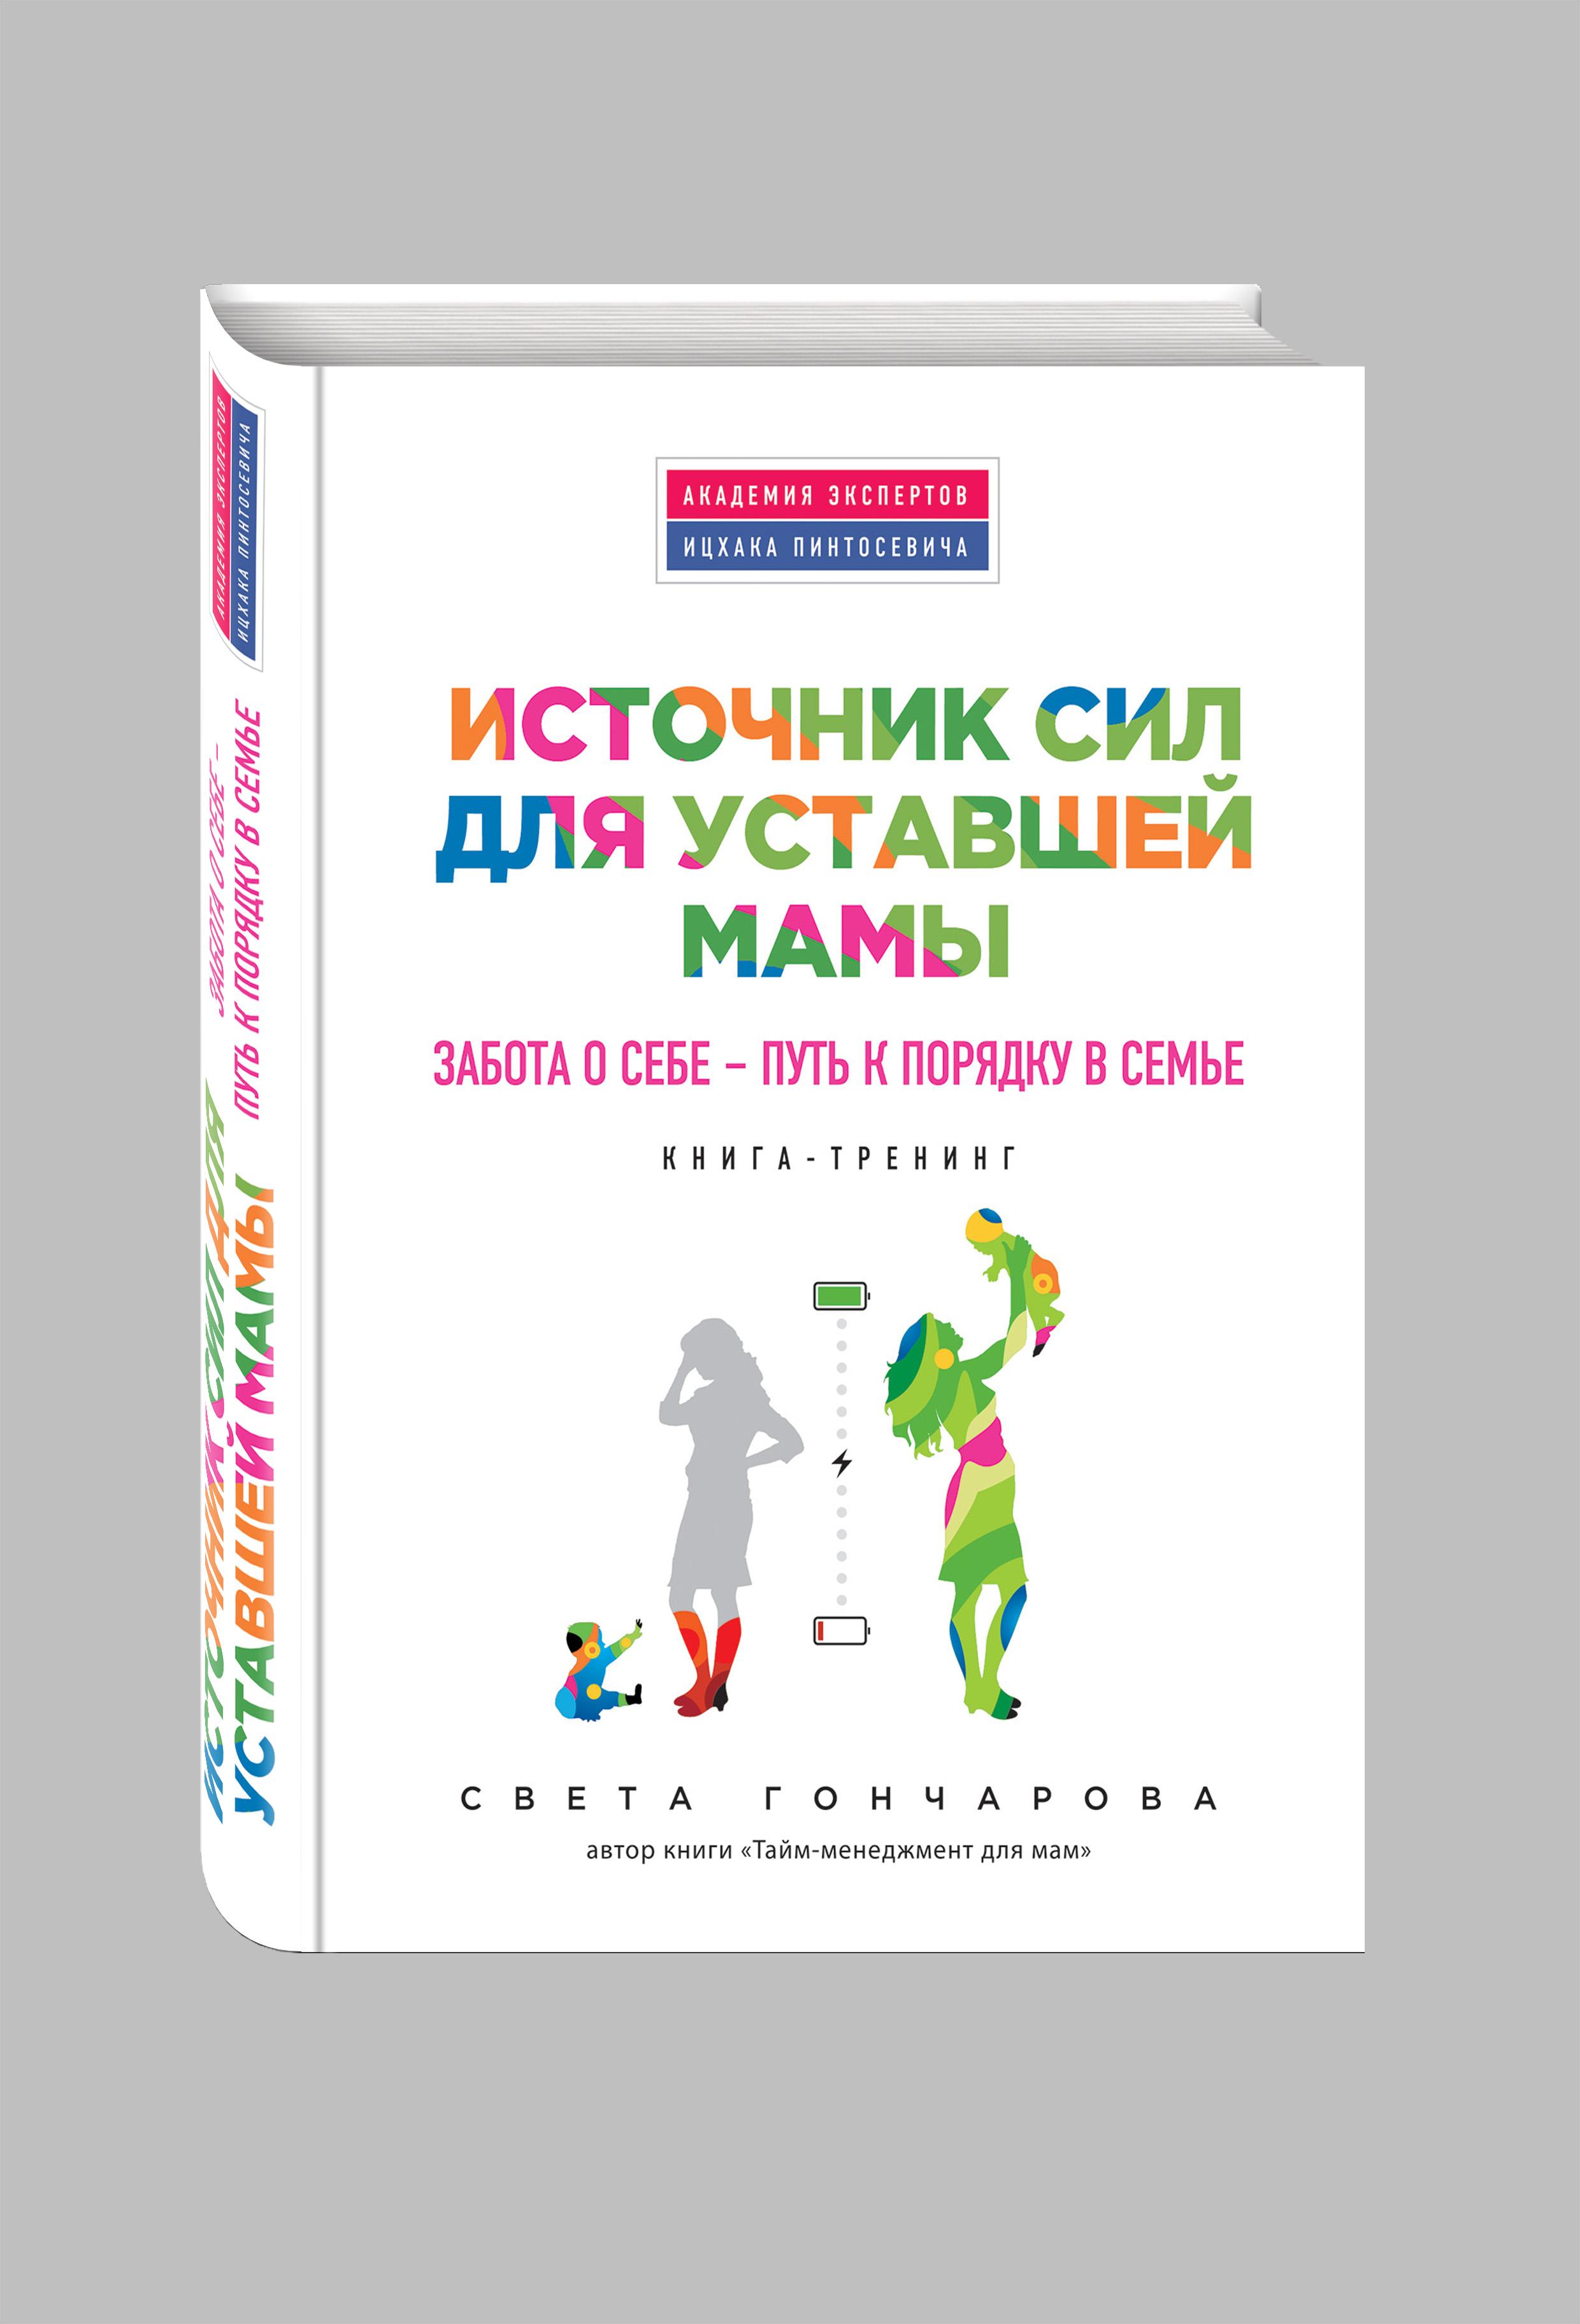 Гончарова С. Источник сил для уставшей мамы источник сил для уставшей мамы забота о себе путь к порядку в семье книга тренинг